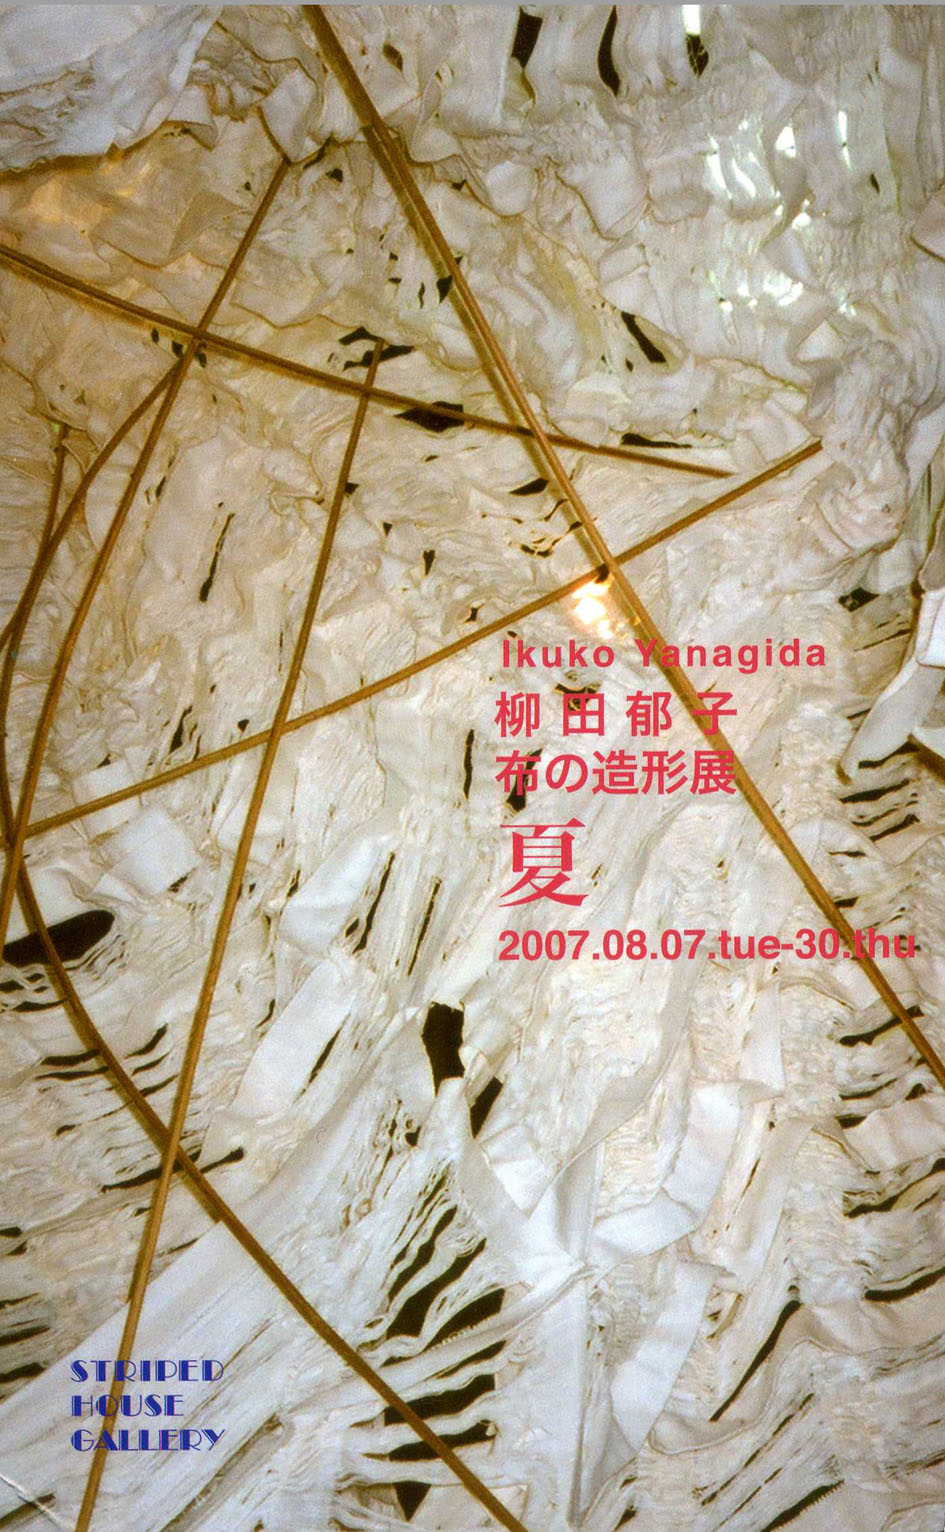 柳田郁子・布の造形展_c0129404_9165897.jpg